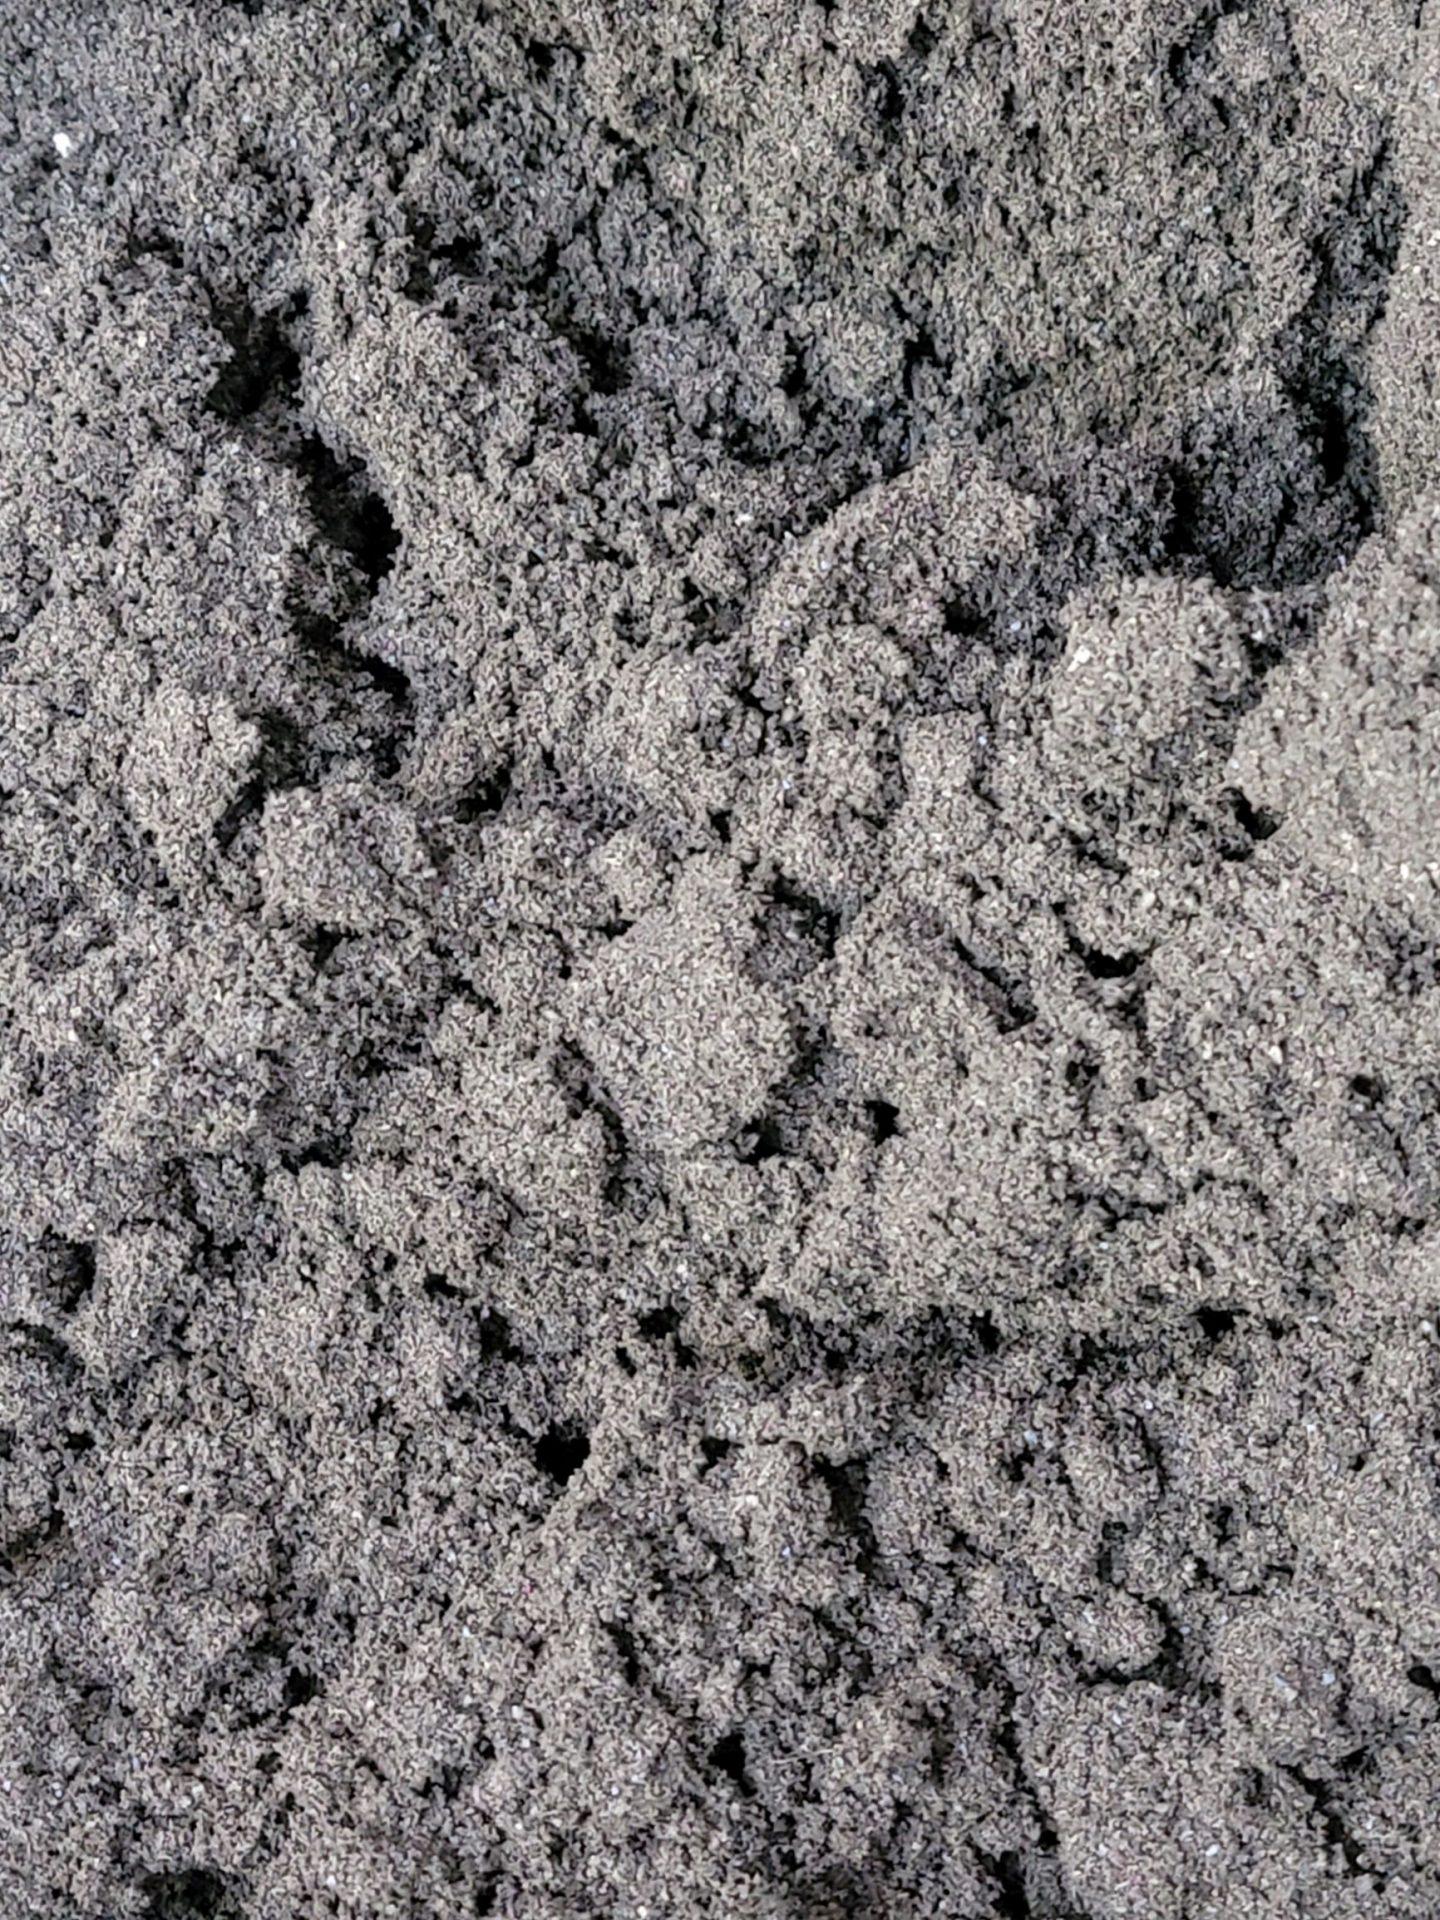 Material photo of Sludge